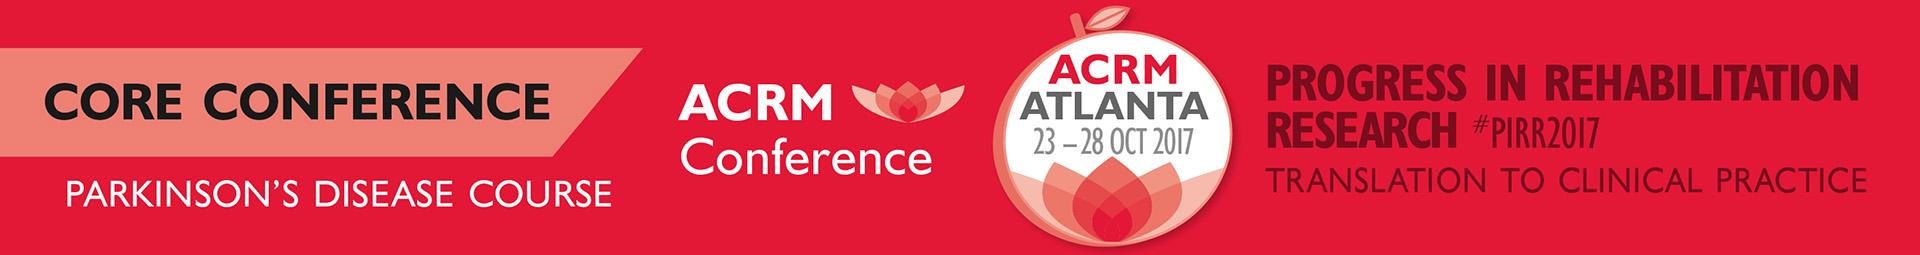 ACRM Conference PARKINSON'S DISEASE COURSE Sat 28 OCT 2017